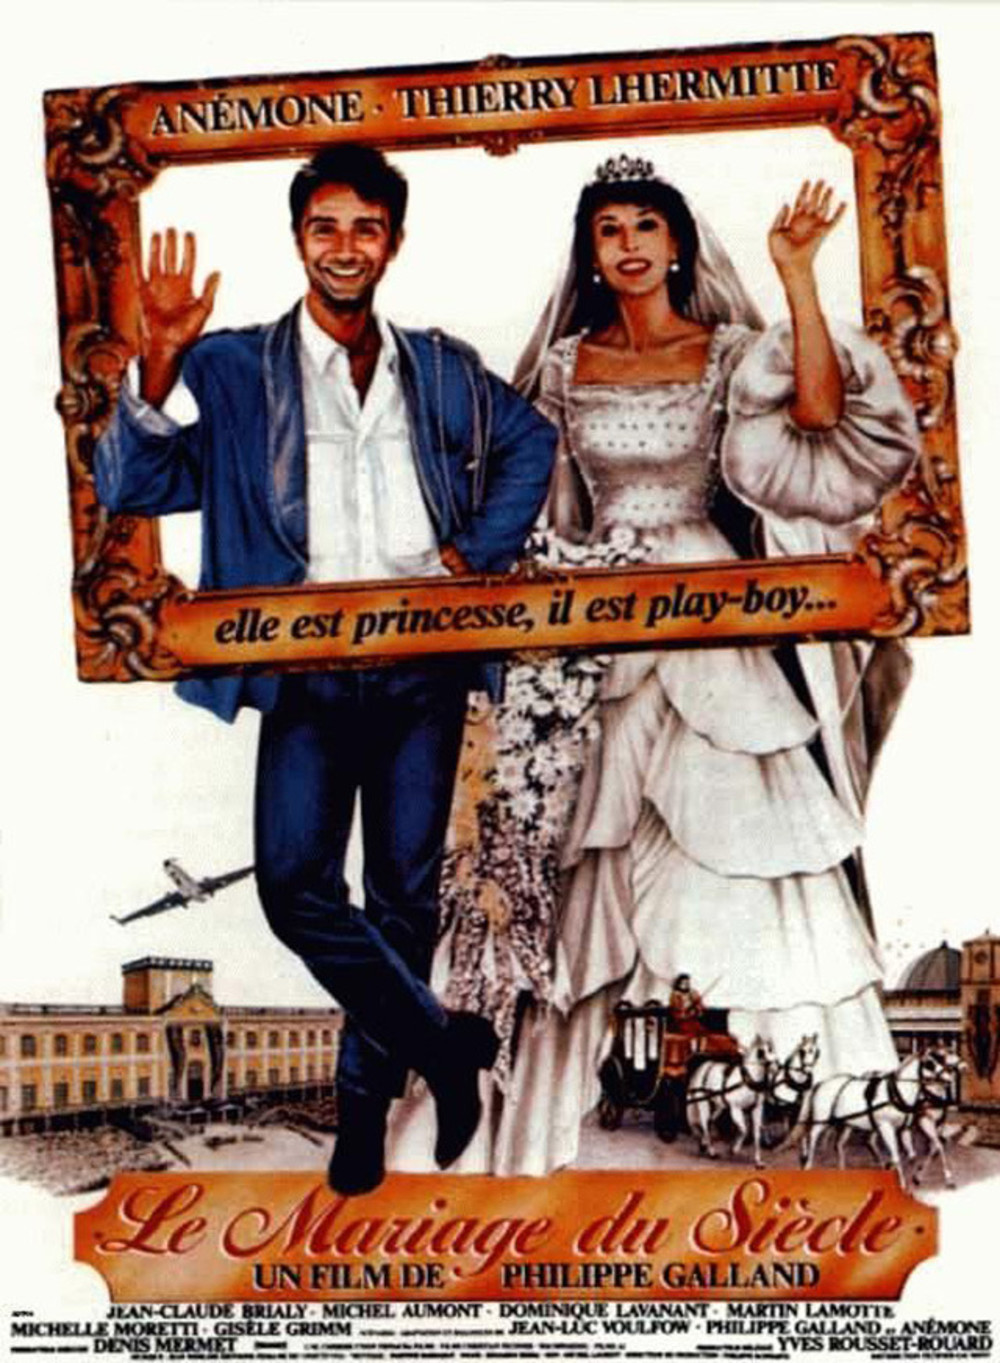 affiche du film Le mariage du siècle